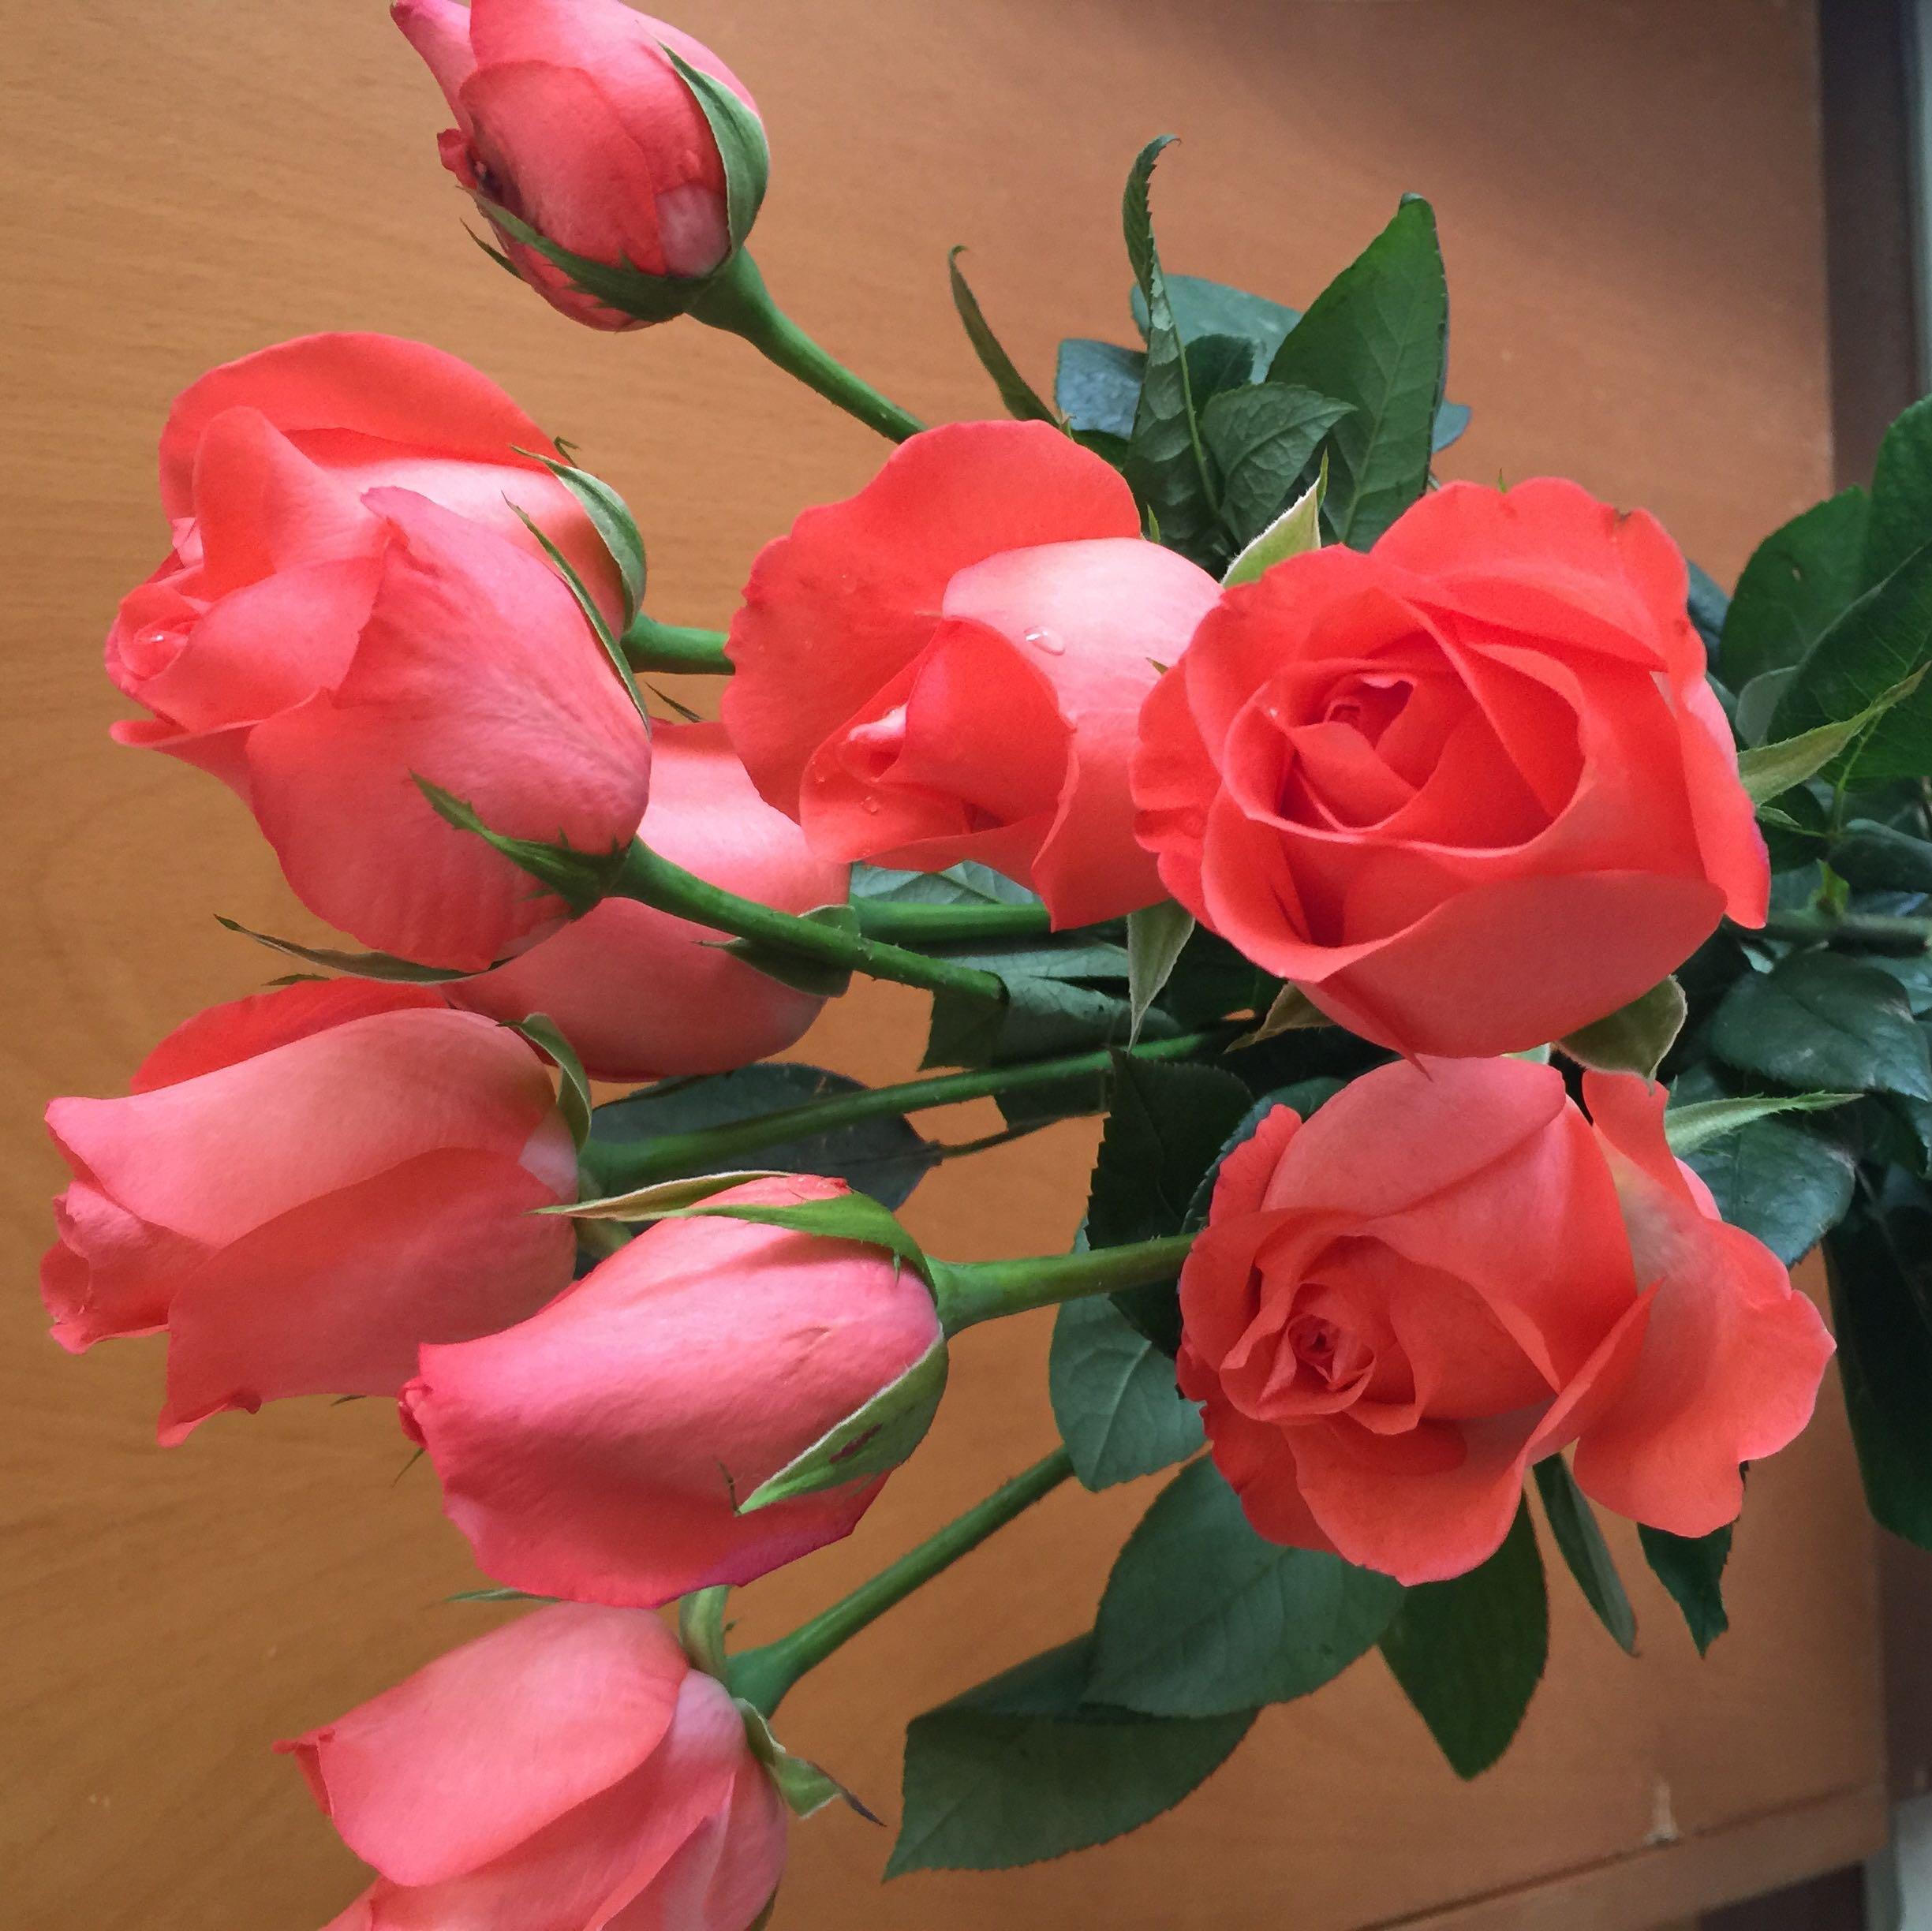 roselouise